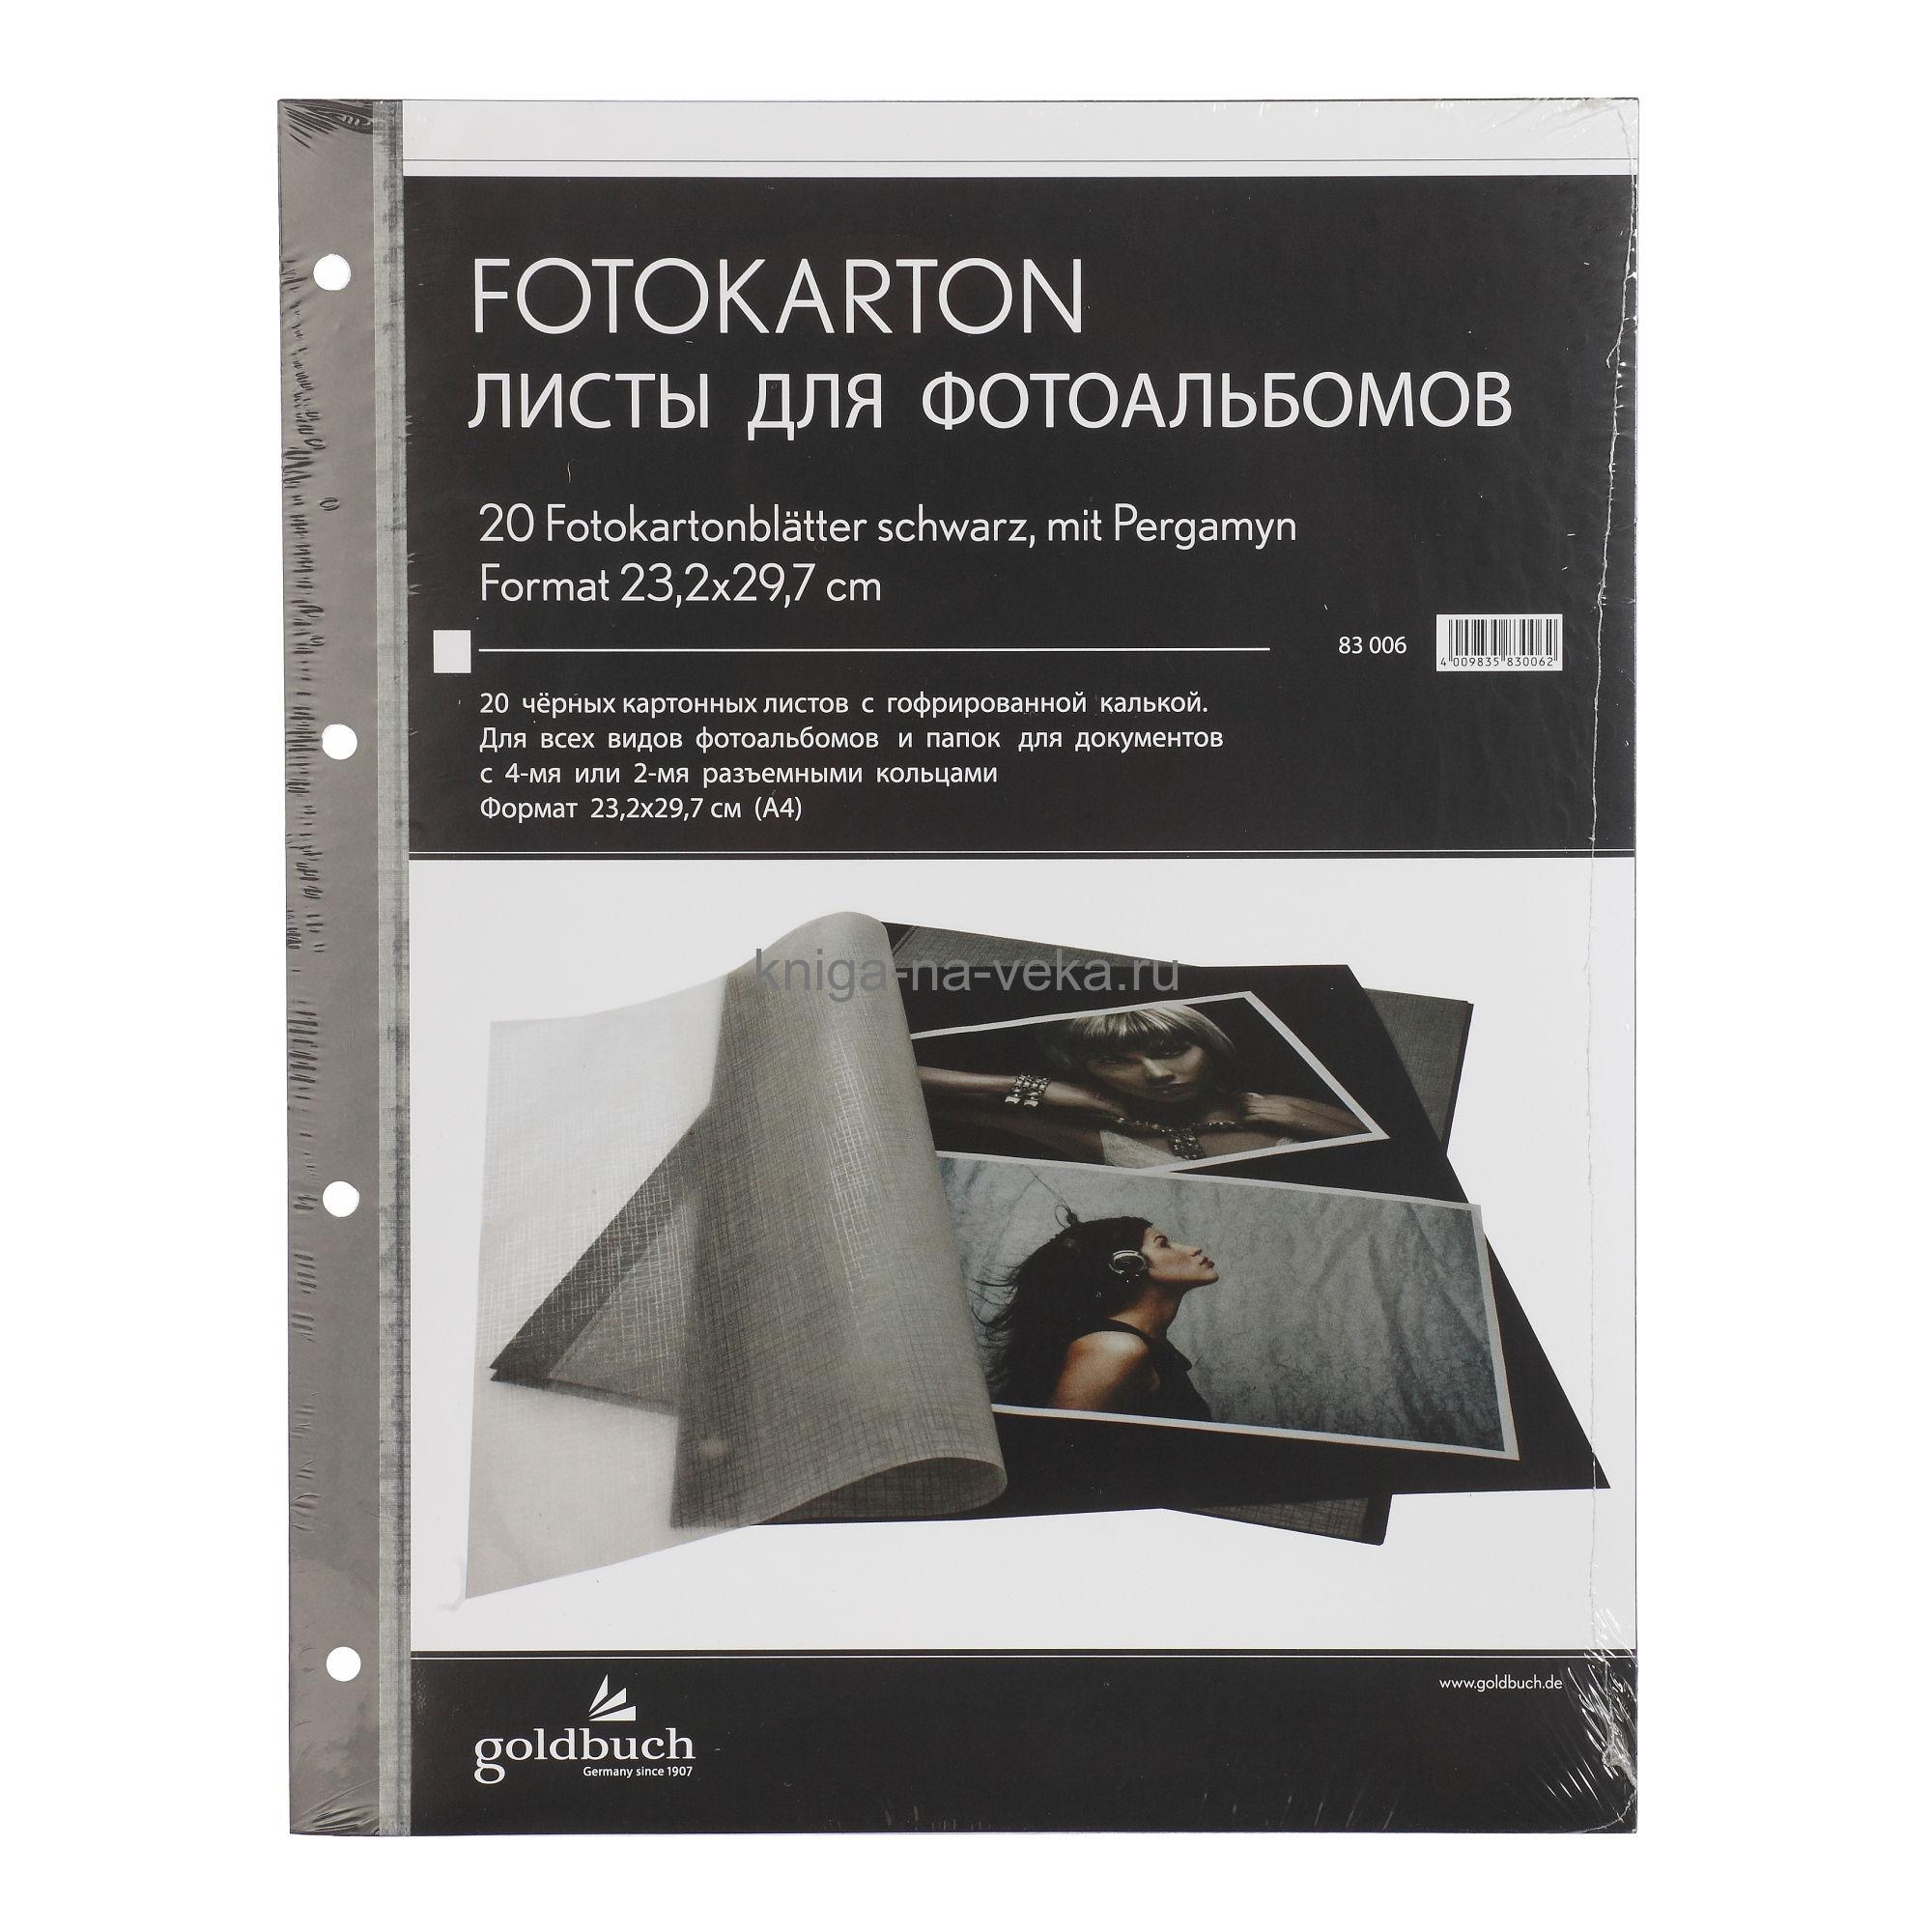 Сменный блок для фотоальбома (чёрный)